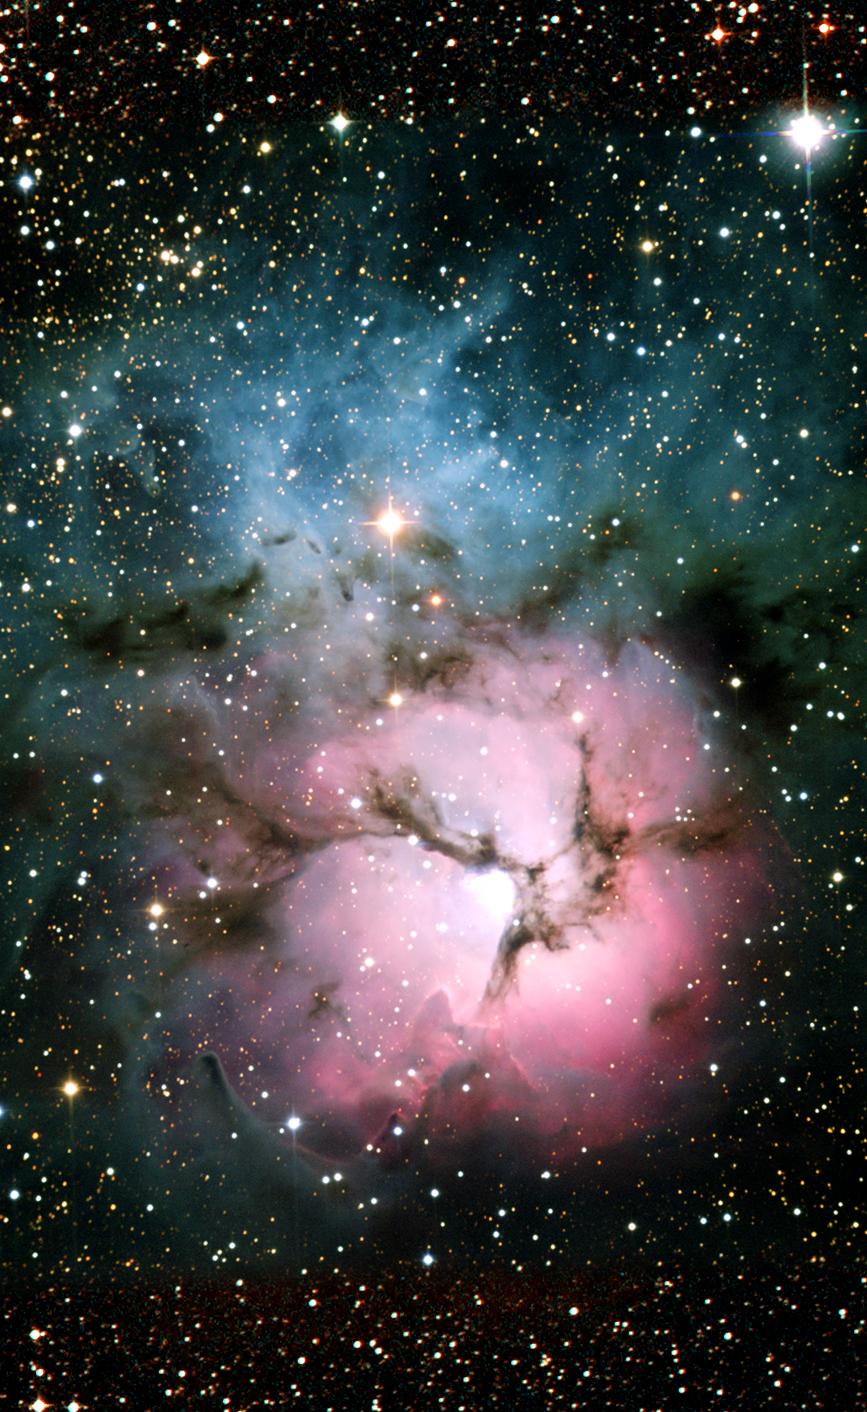 NGC 6514